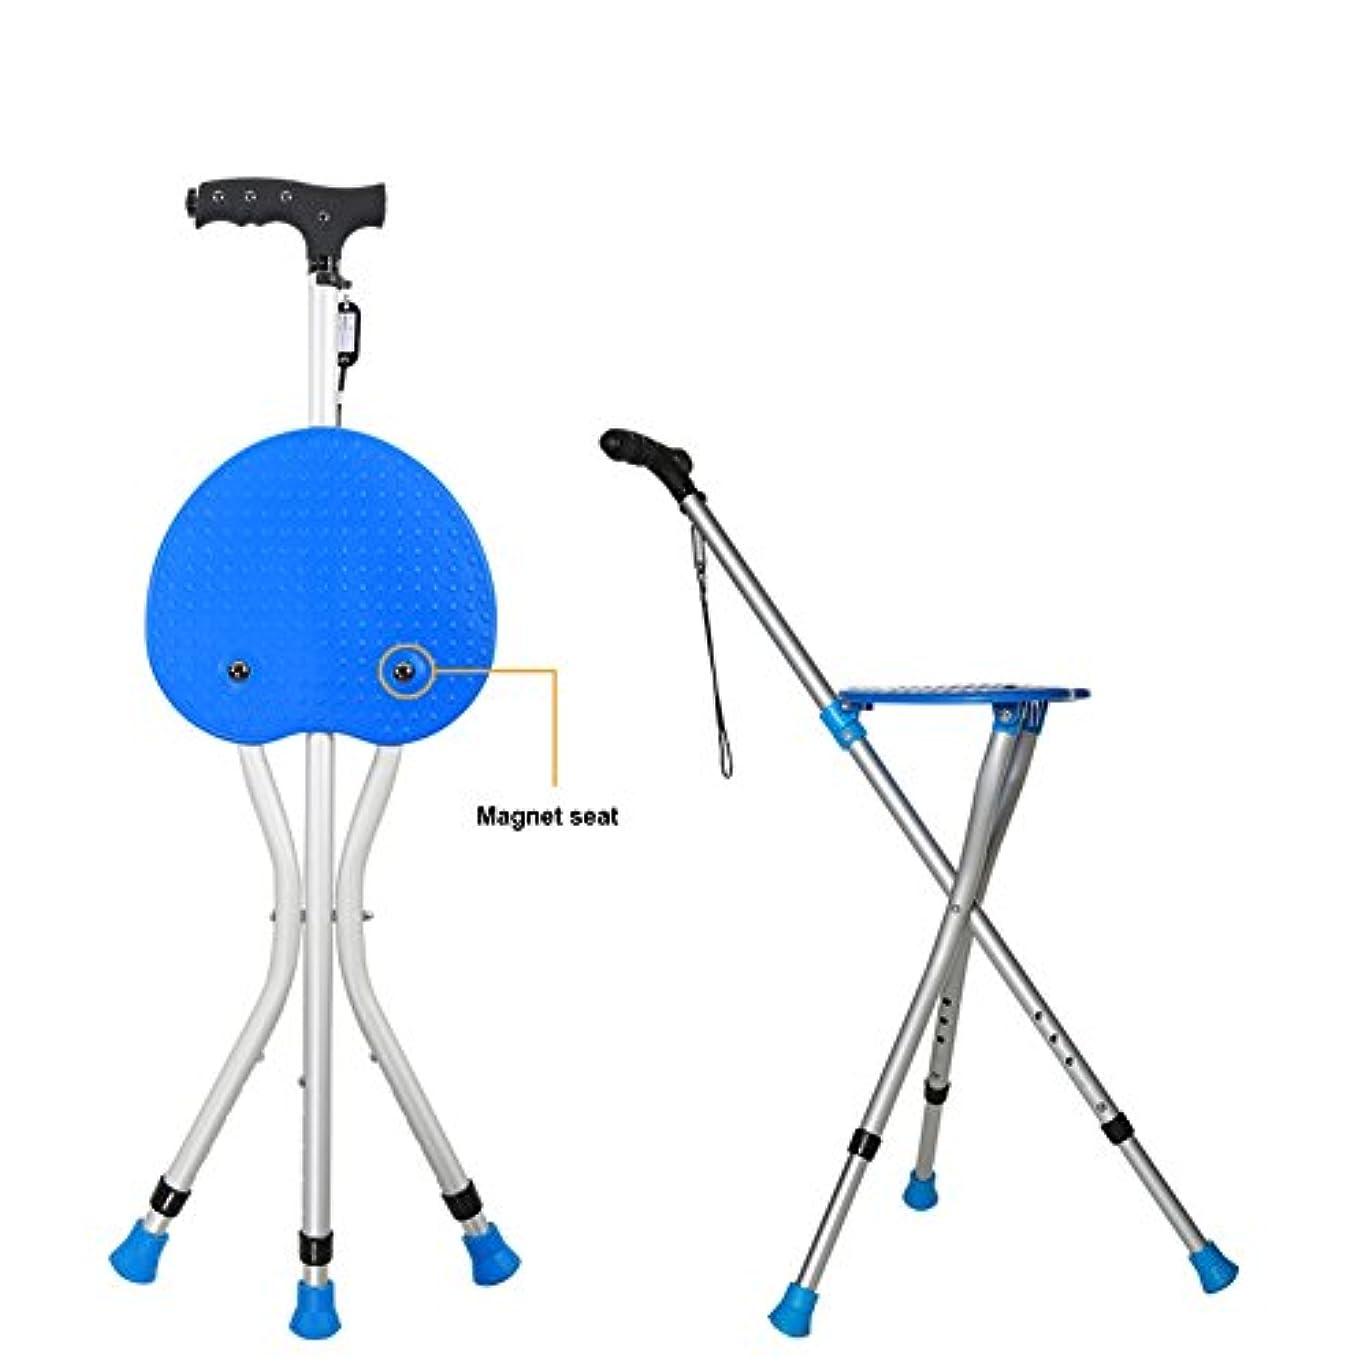 花こどもセンターロケット歩行補助杖 医療援助 マッサージ 高さ調節可能 折り畳み式 軽量 折りたたみ 3脚杖 松葉杖 高齢者 障害者-青 LED